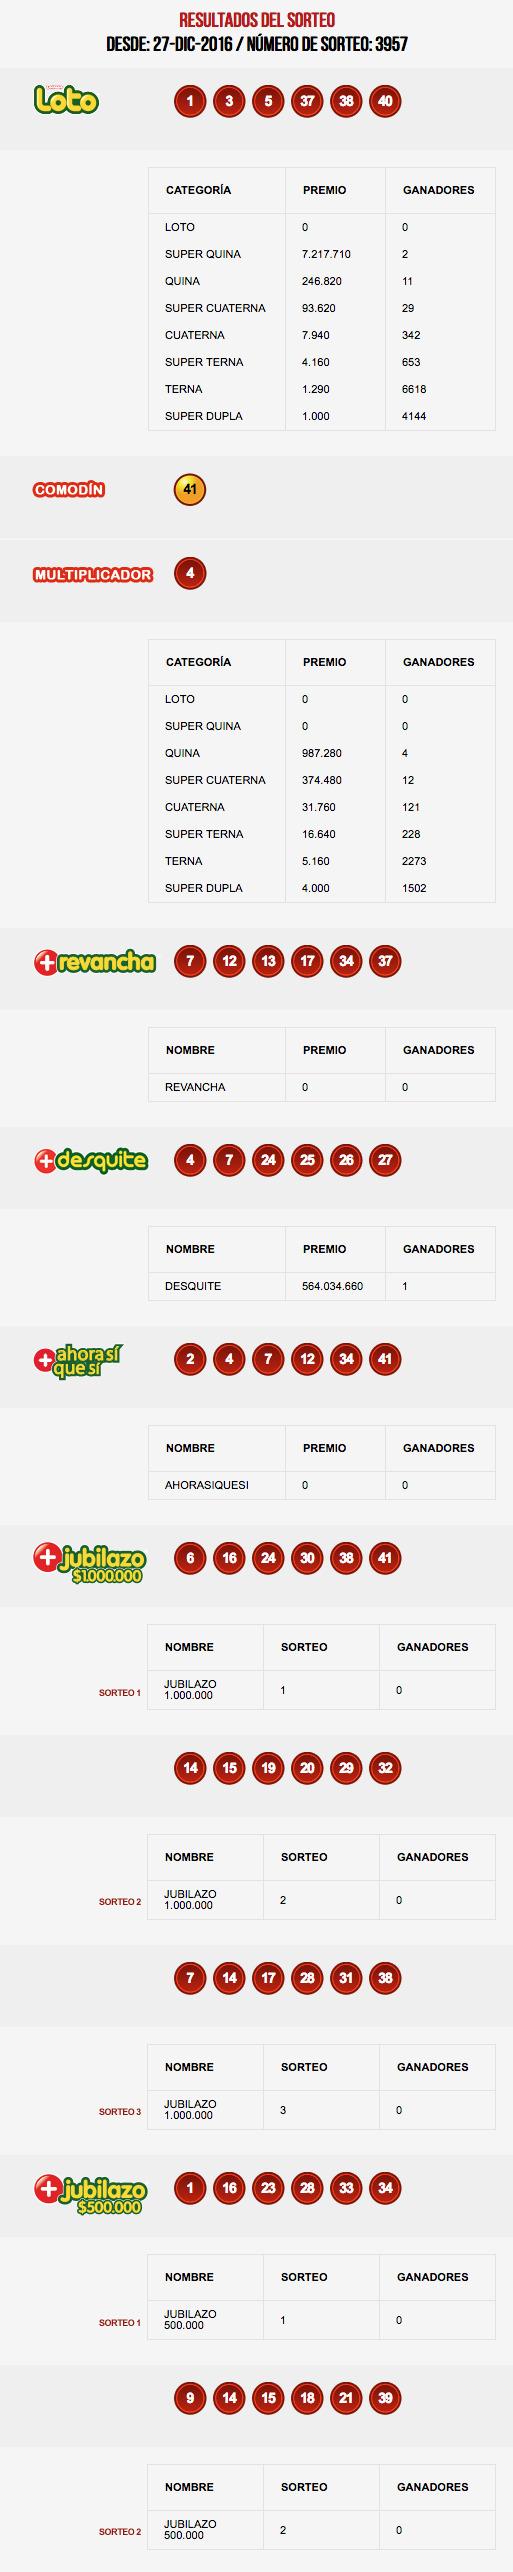 resultados-loto-chile-sorteo-3957-jpeg